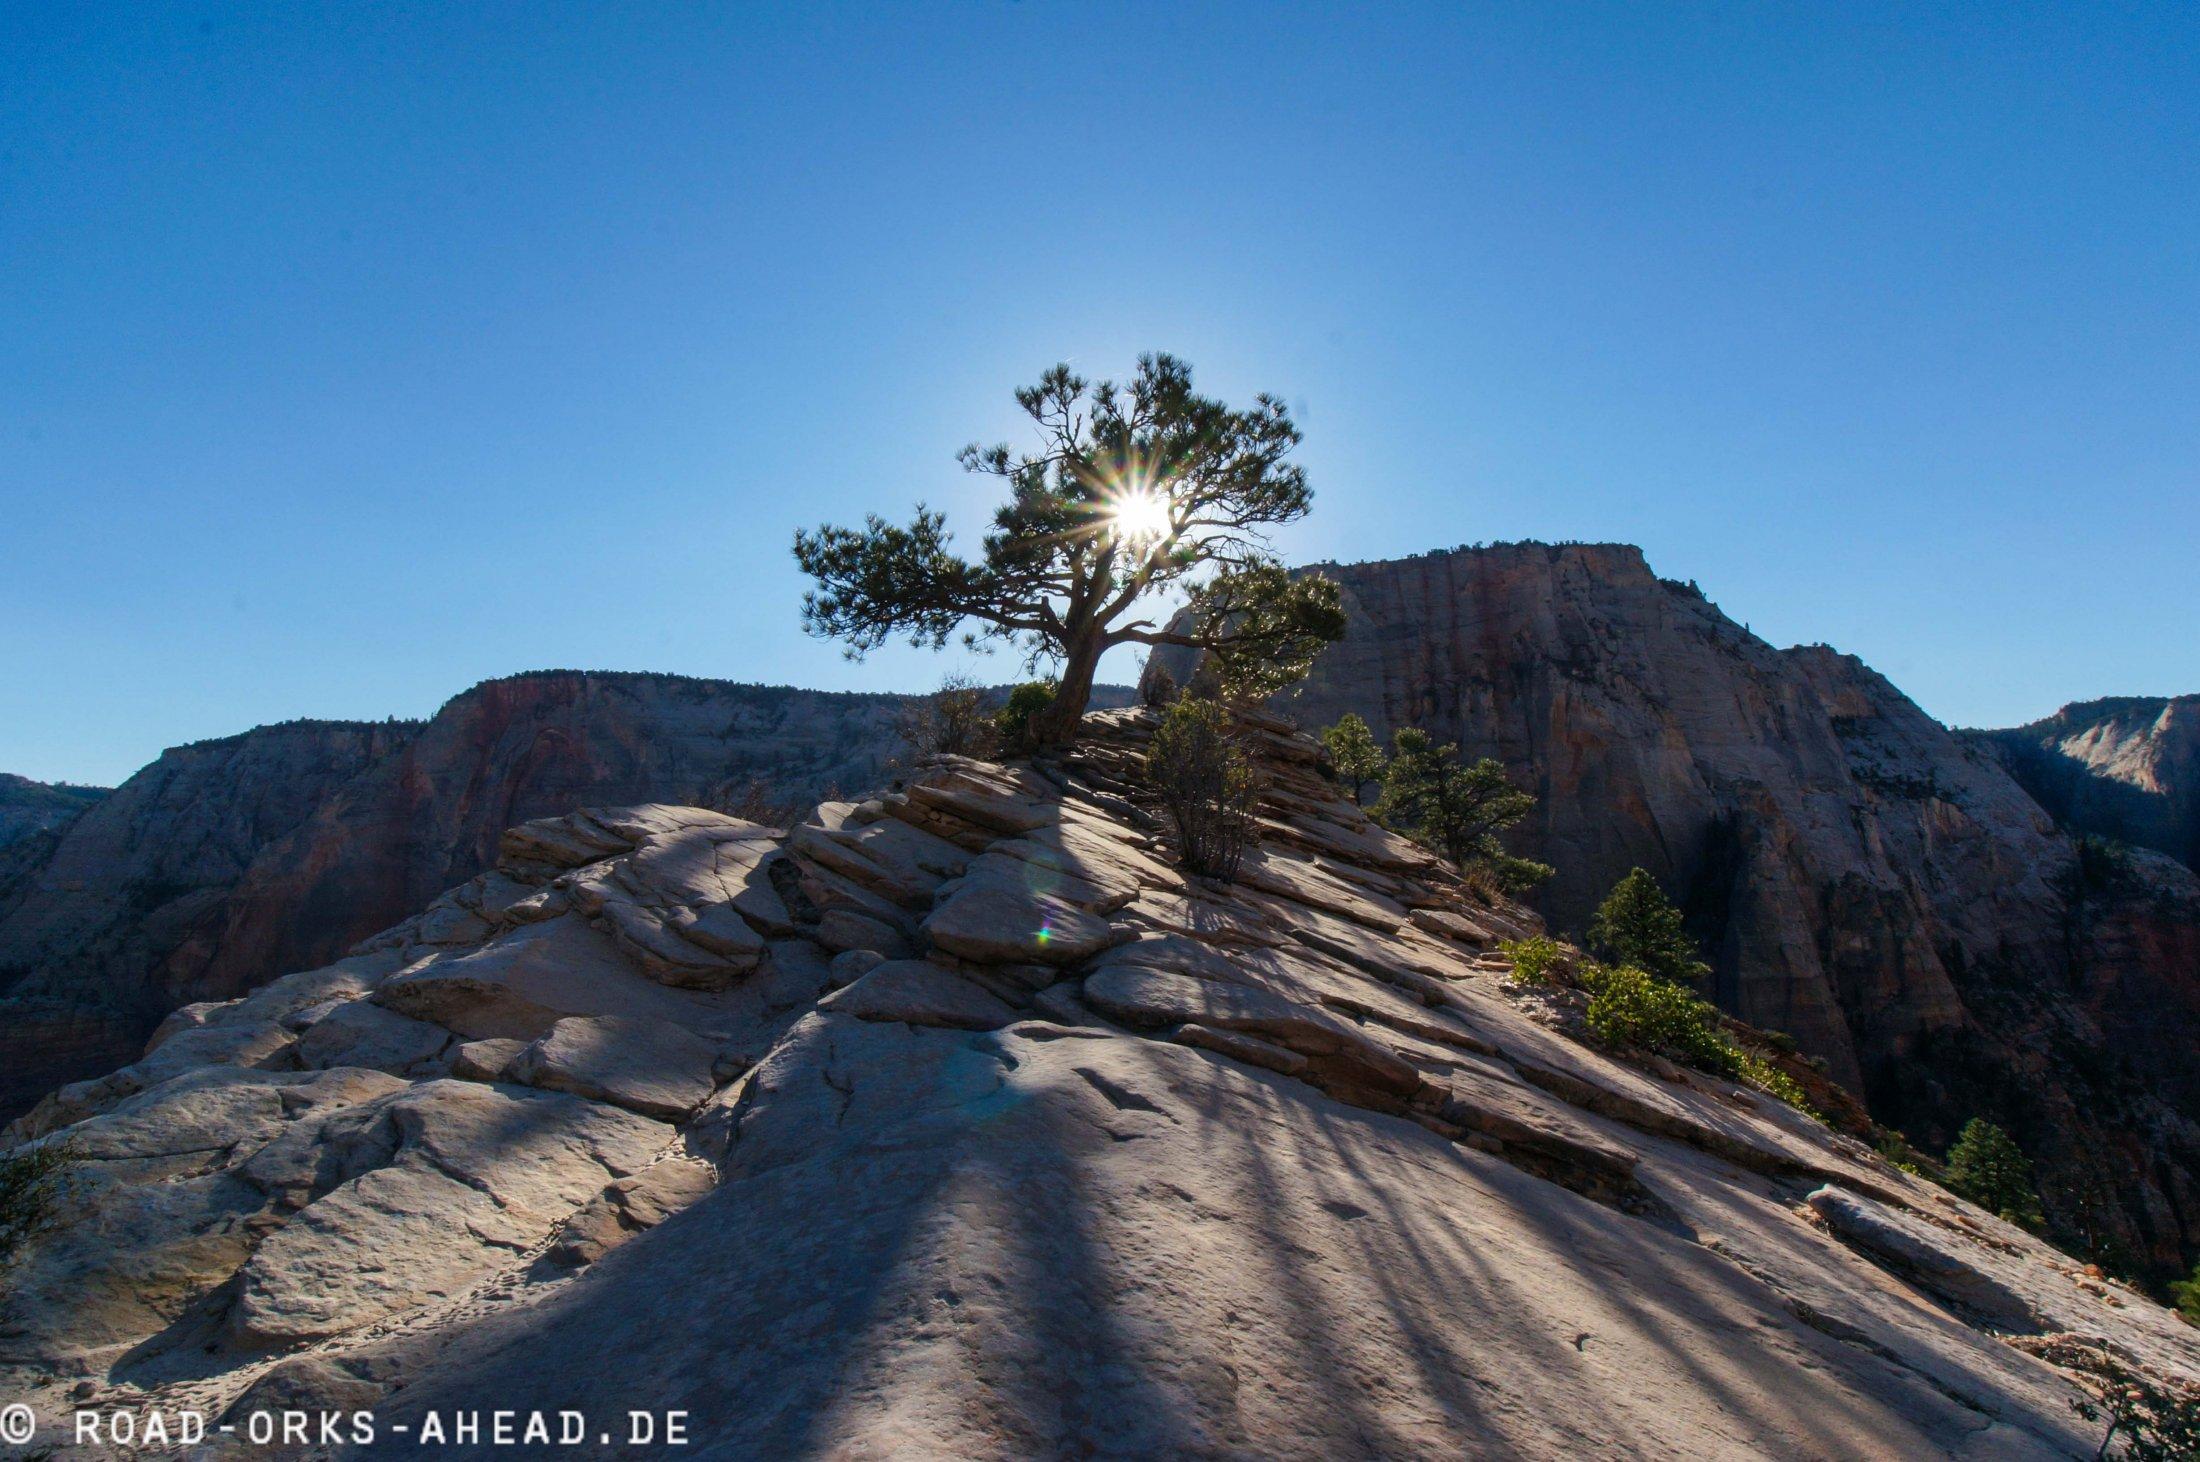 Sonnenaufgang in Zion